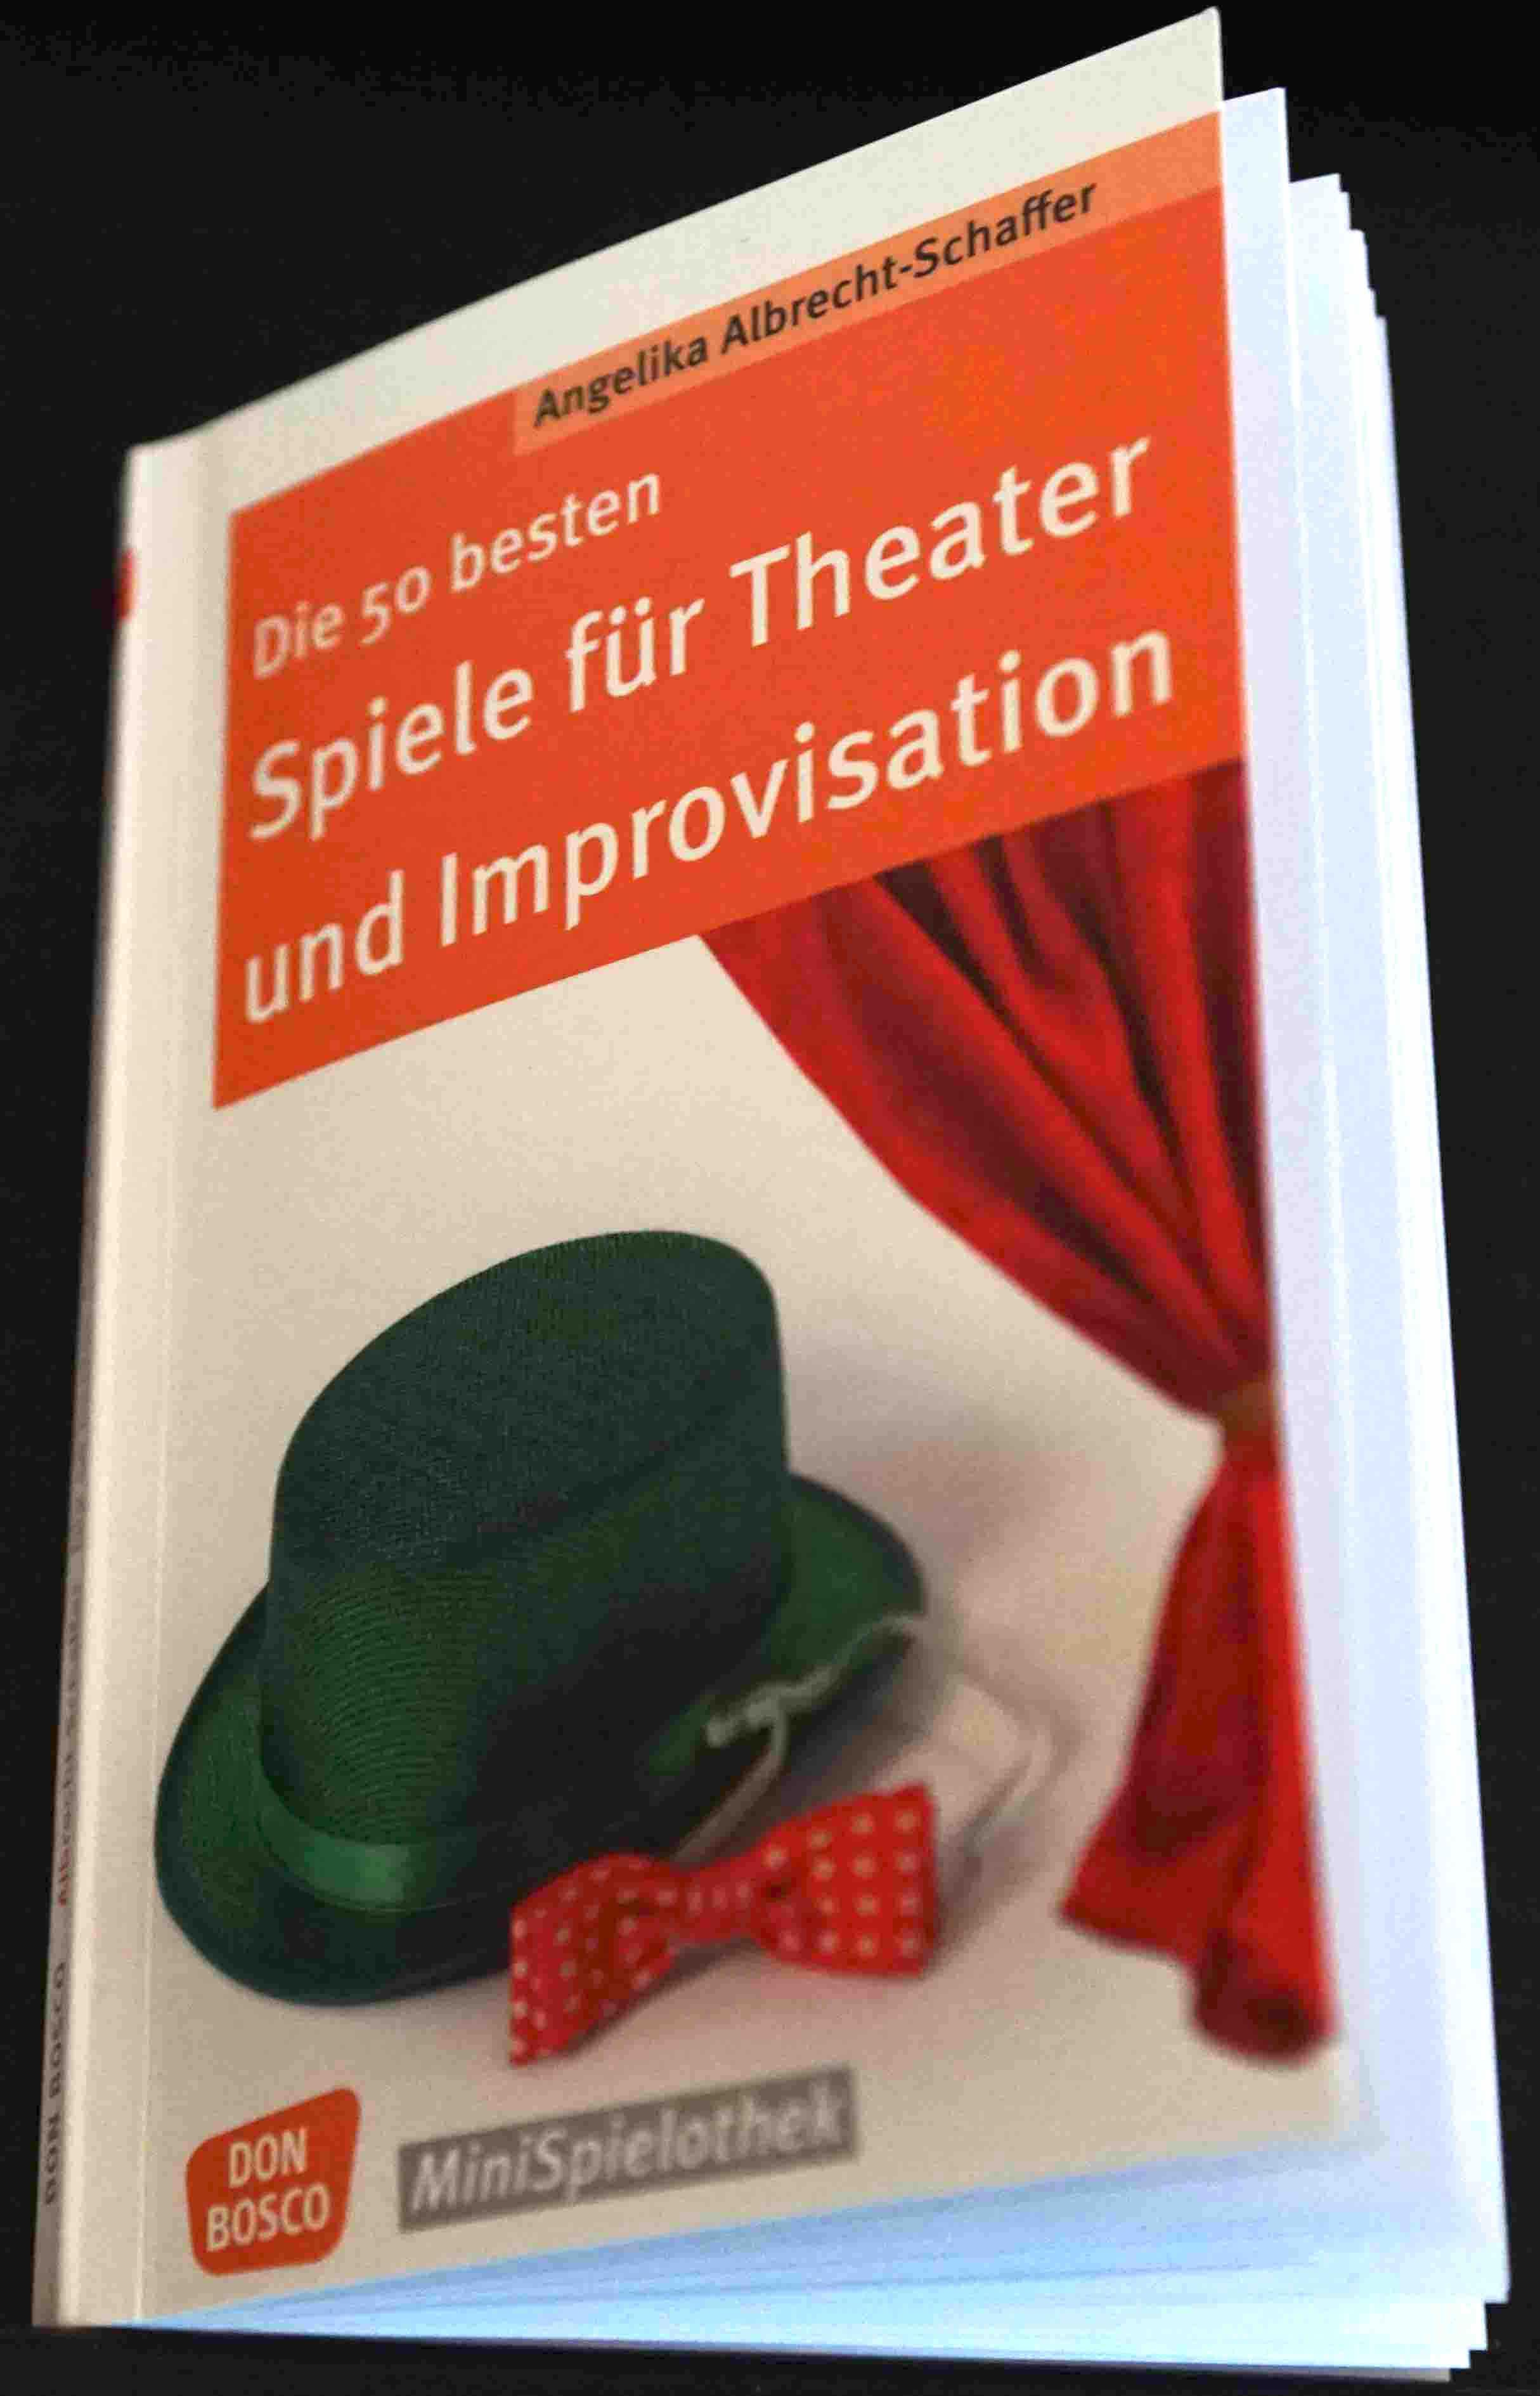 Albrecht-Schaffer (2016): Die 50 besten Spiele für Theater und Improvisation